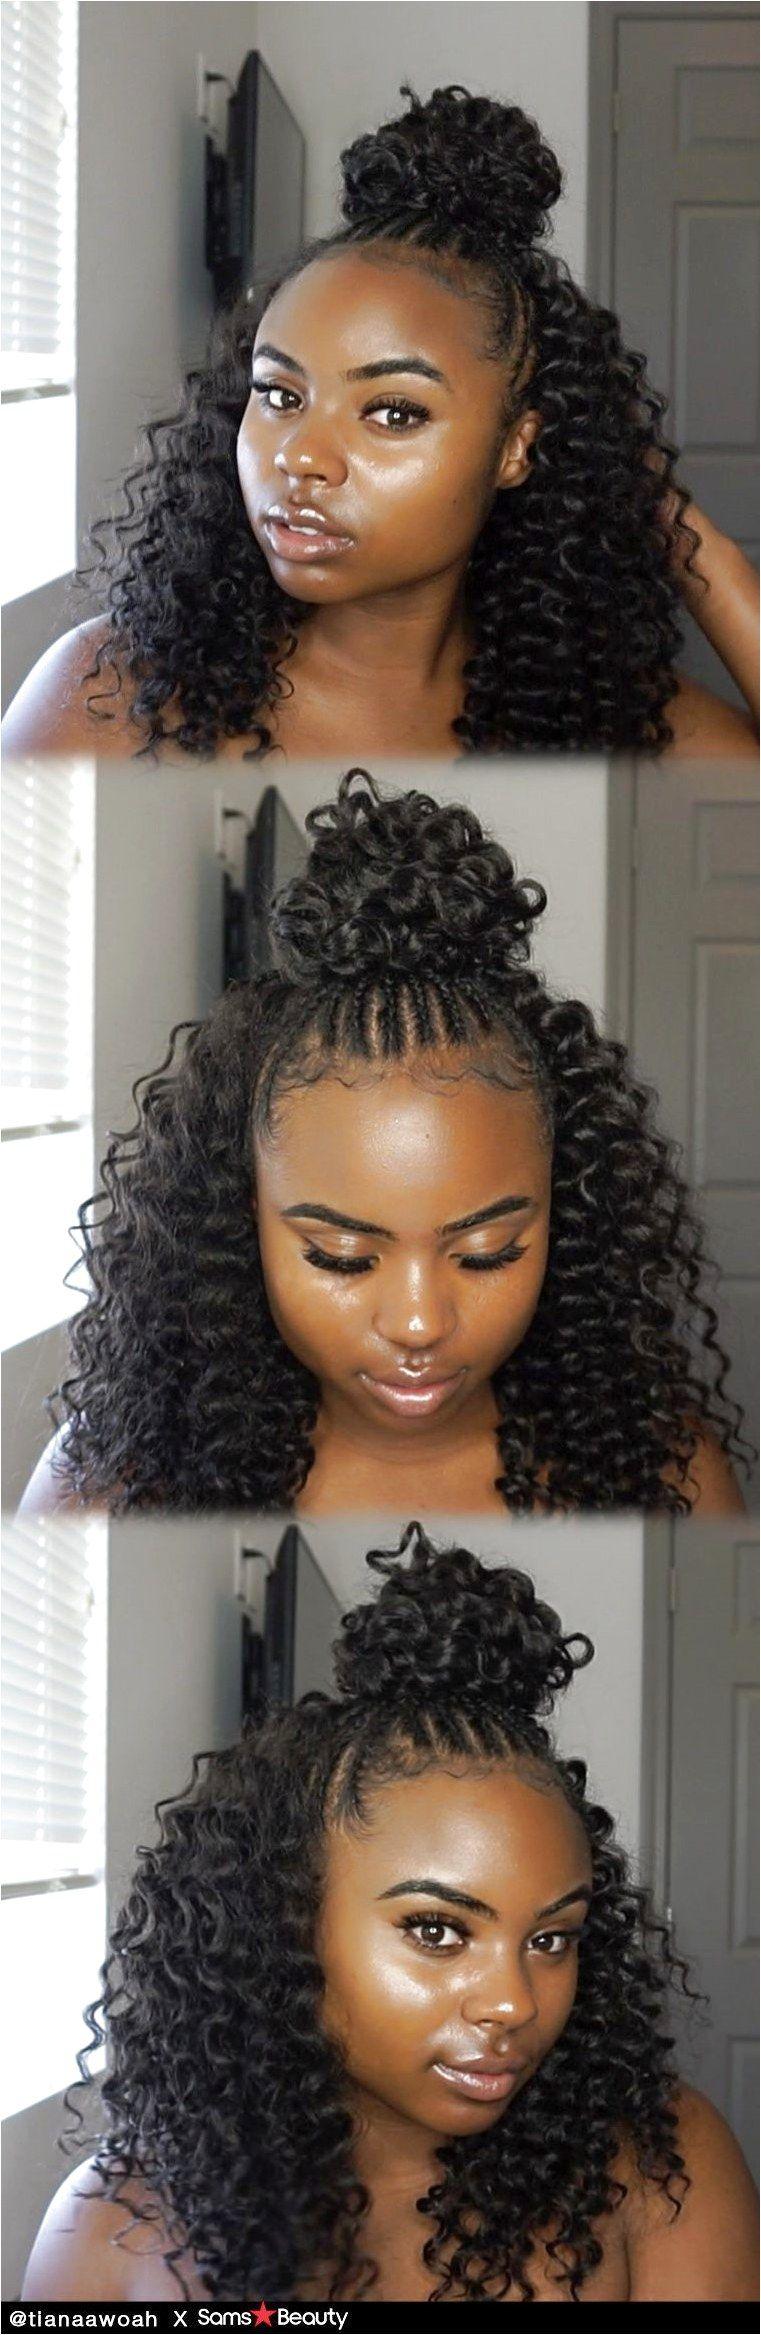 Freetress Synthetic Hair Crochet Braids Beach Curl 12 Cute Hairstyle Braidedhairstyle Click Now F Hair Braid Diy Braids For Long Hair Black Hairstyles Crochet